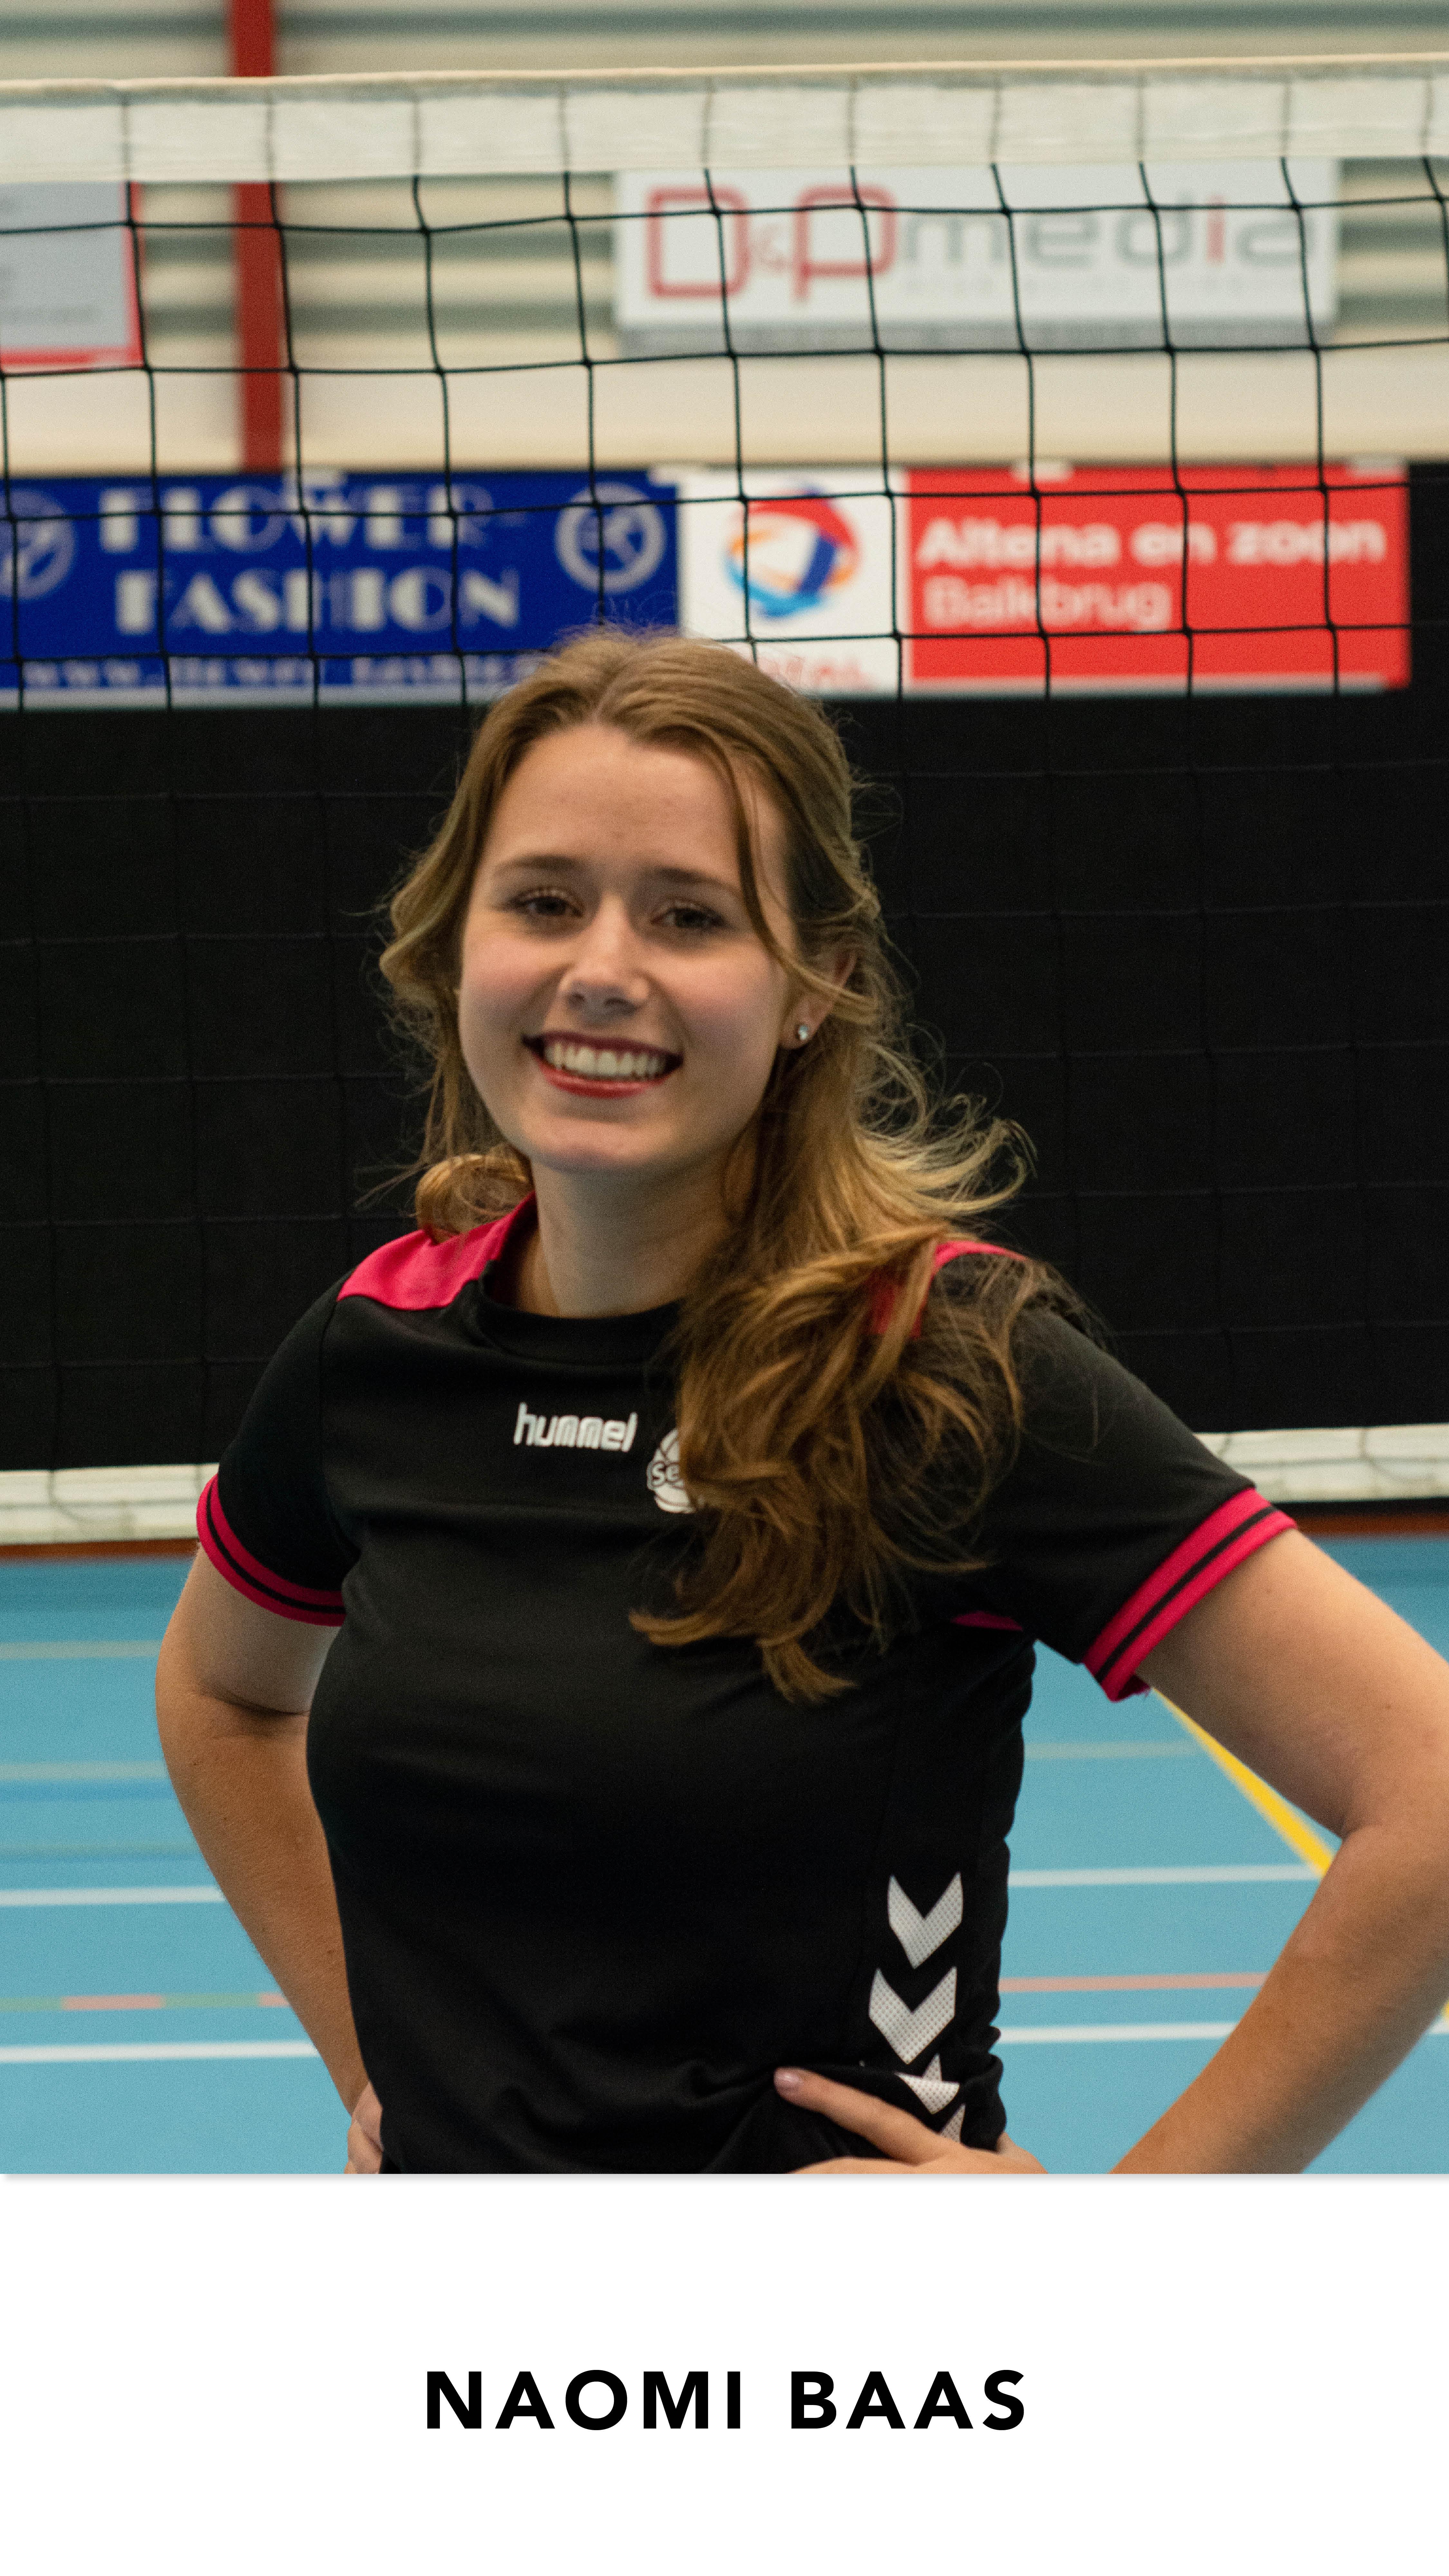 Naomi Baas